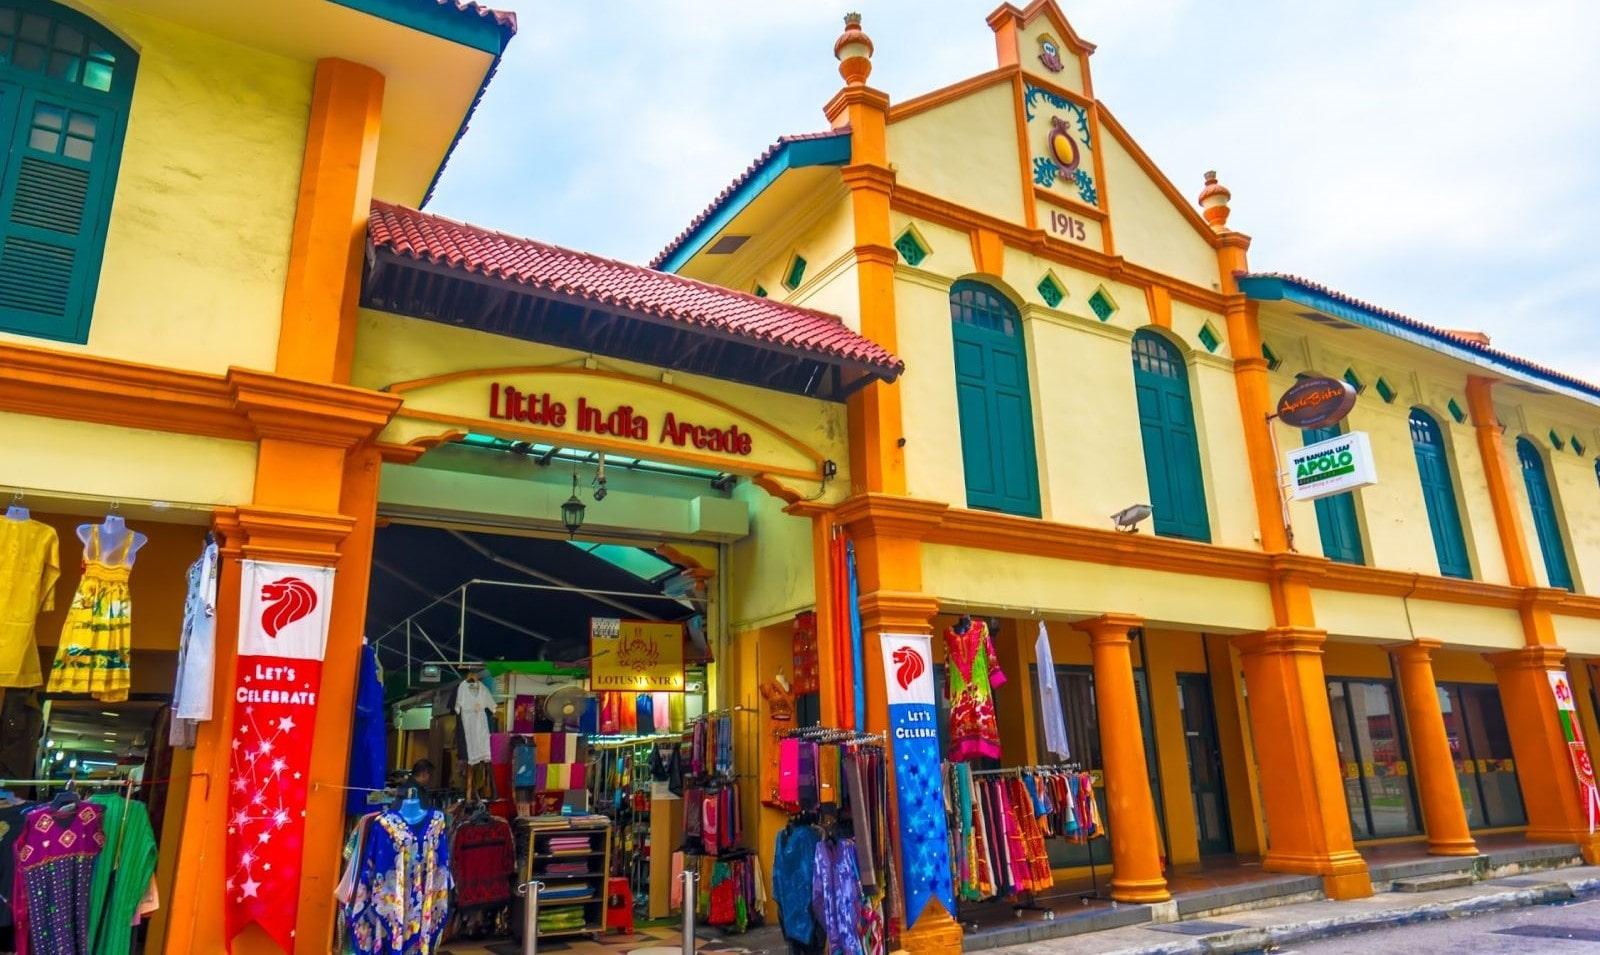 Khu chợ Ấn Độ ở Singapore